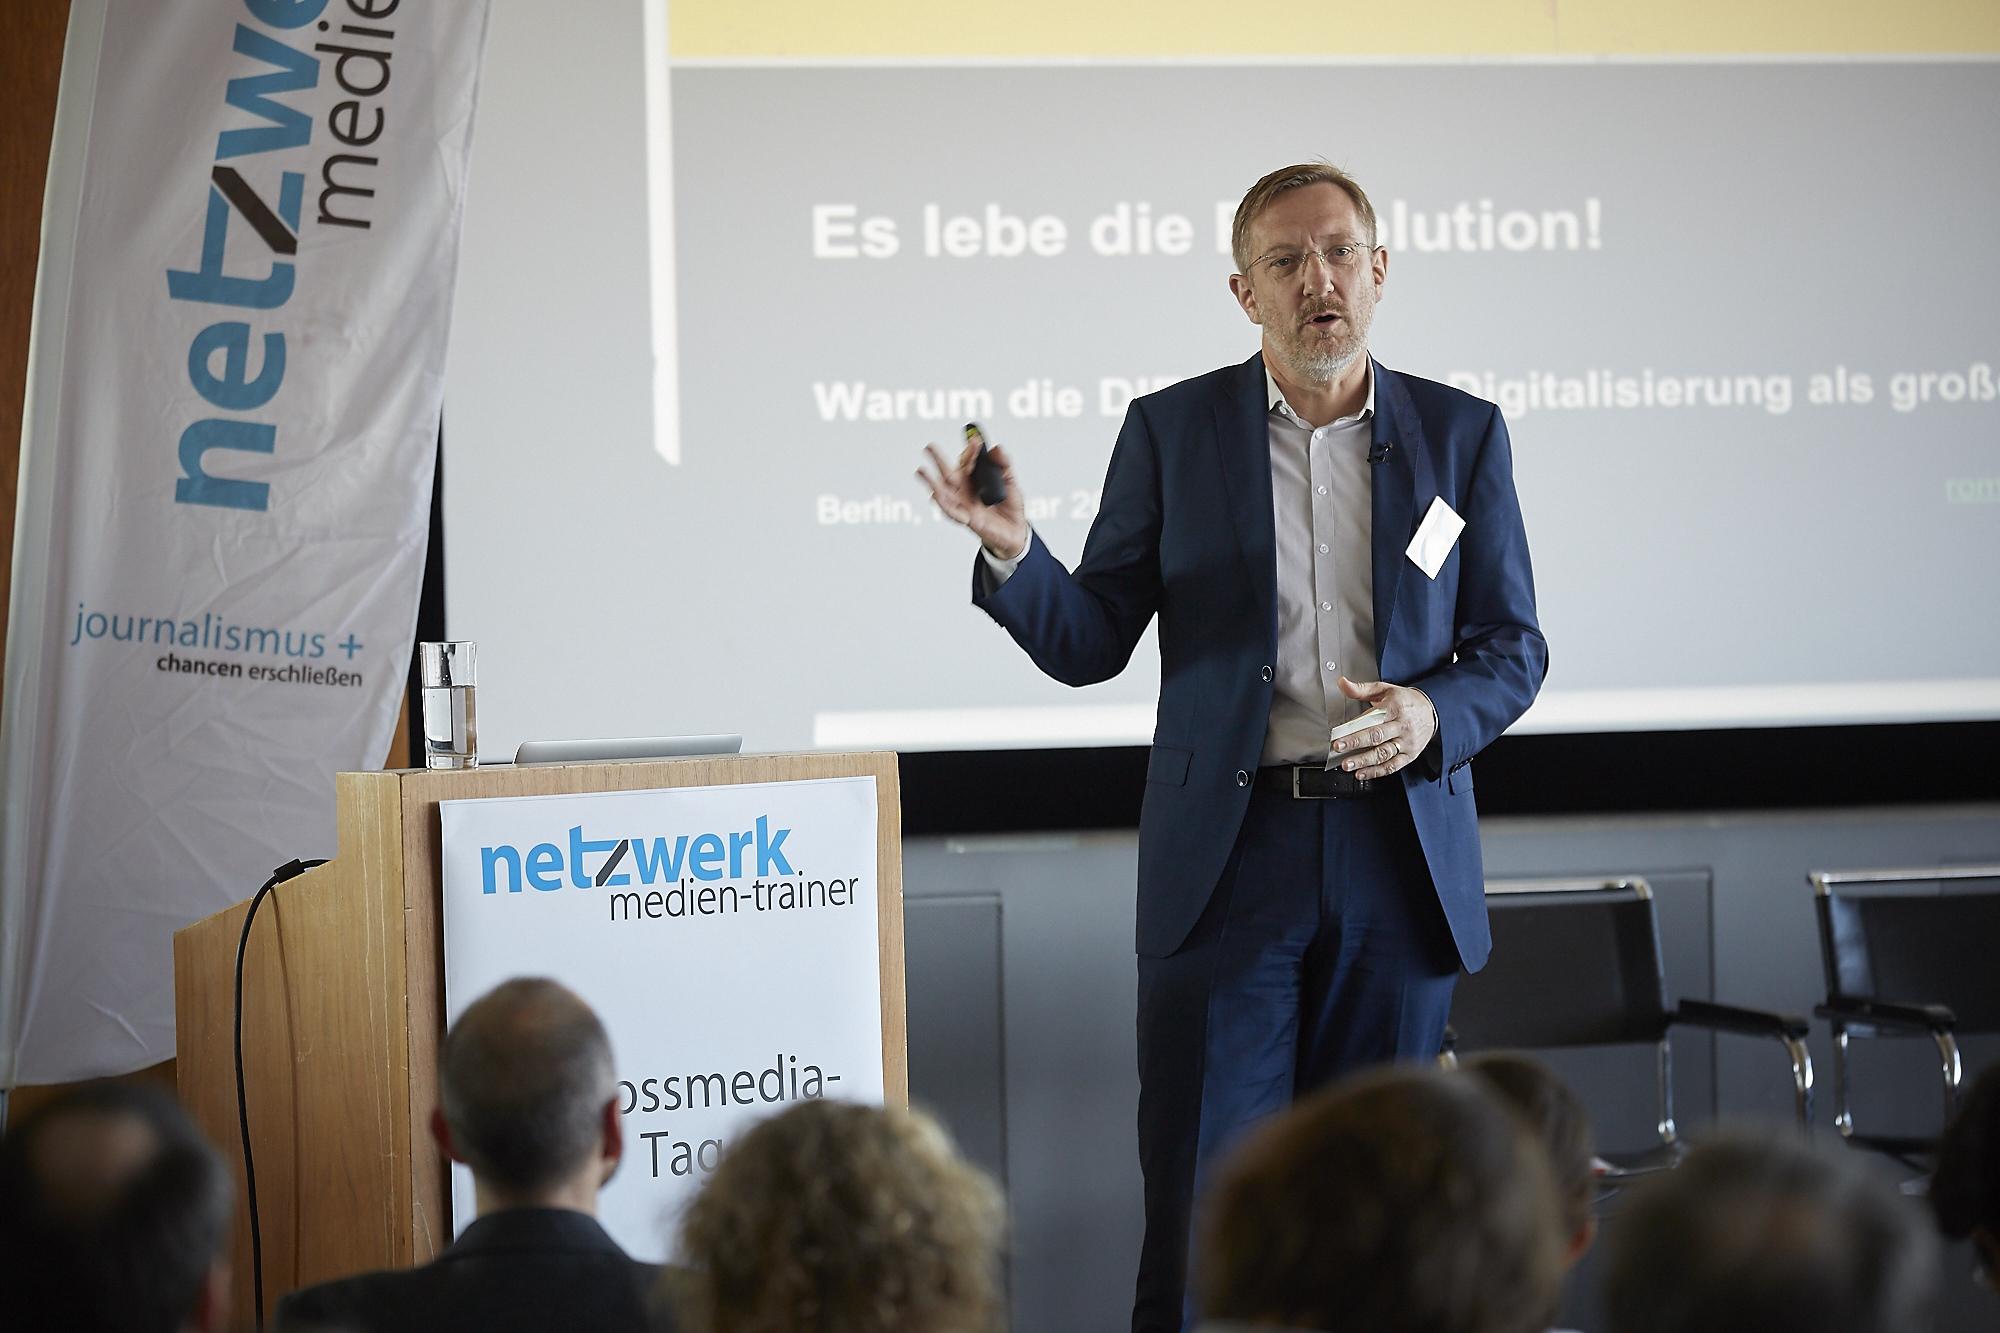 Romanus Otte vom Crossmedia-Tag des netzwerk medien-trainer